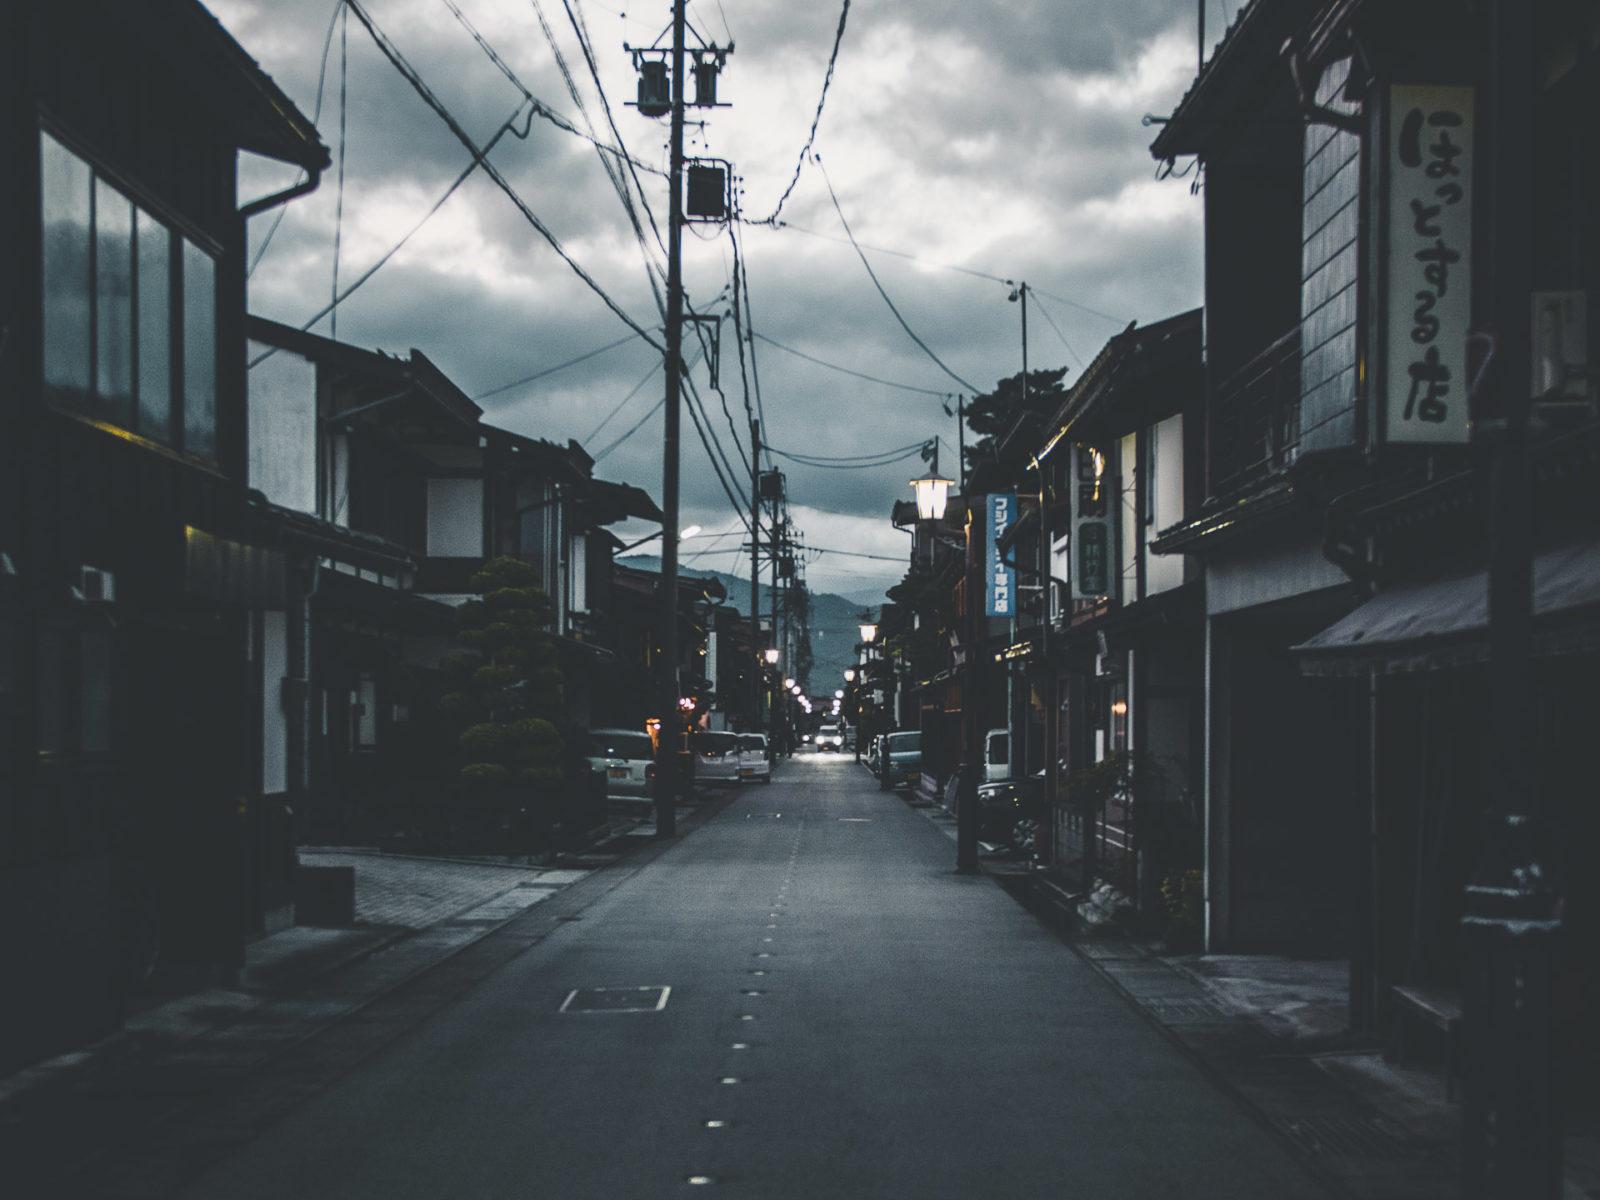 1600942432 765 Hida Furukawa camina en Japon inspiracion de Your Name